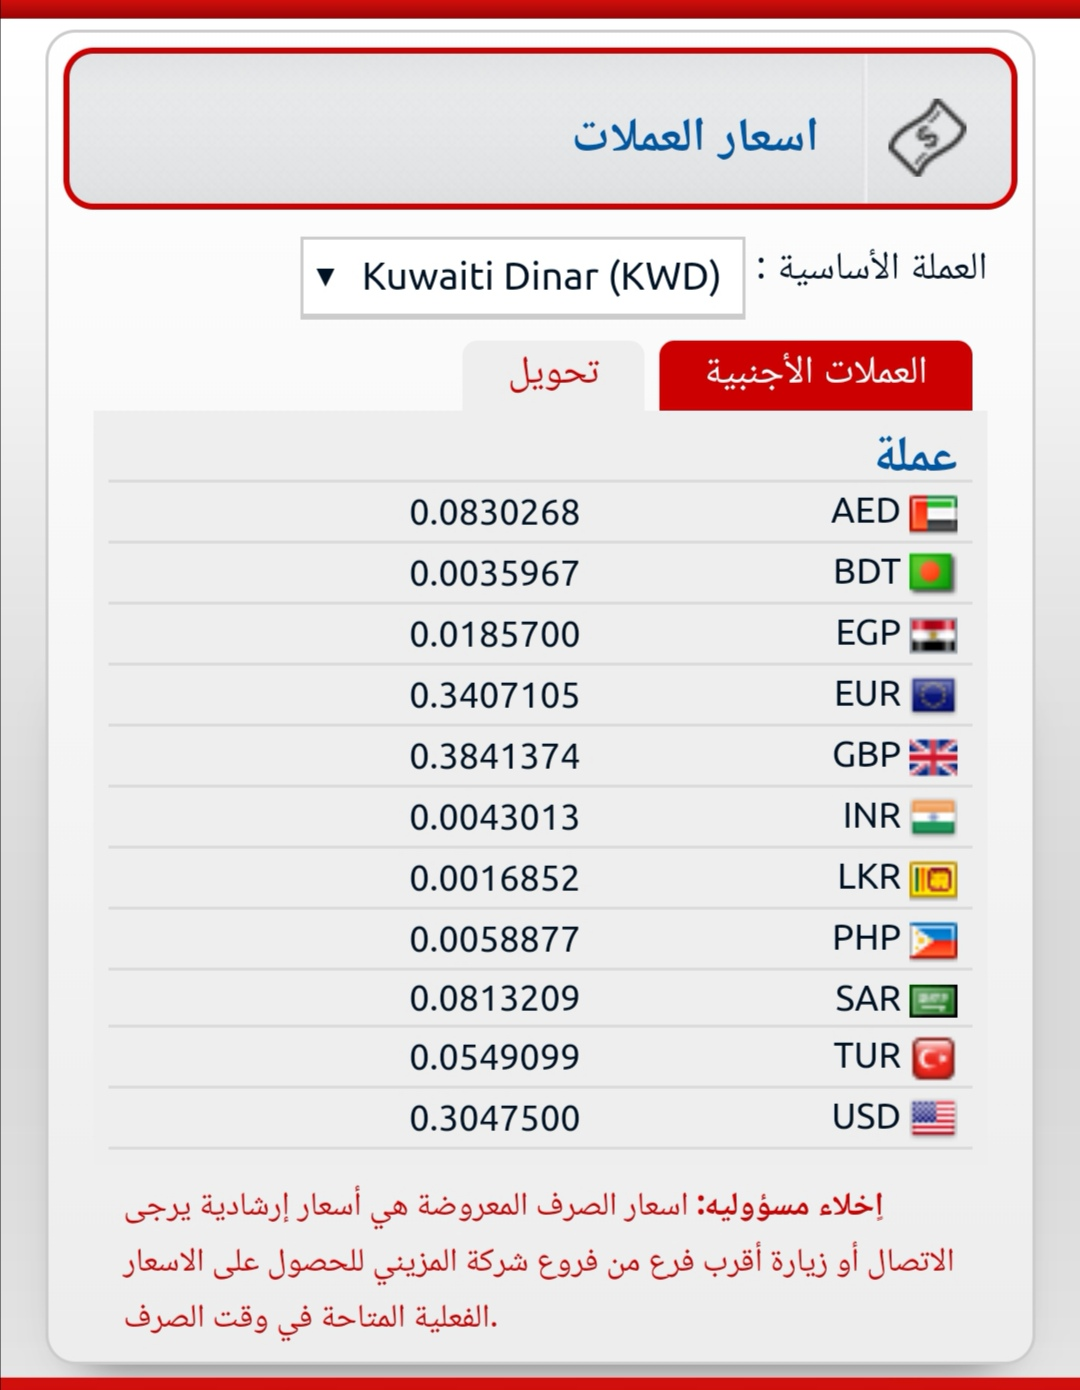 سعر تحويل الجنية المصرى و اسعار العملات في صرافة المزينى اليوم  السبت 14 سبتمبر